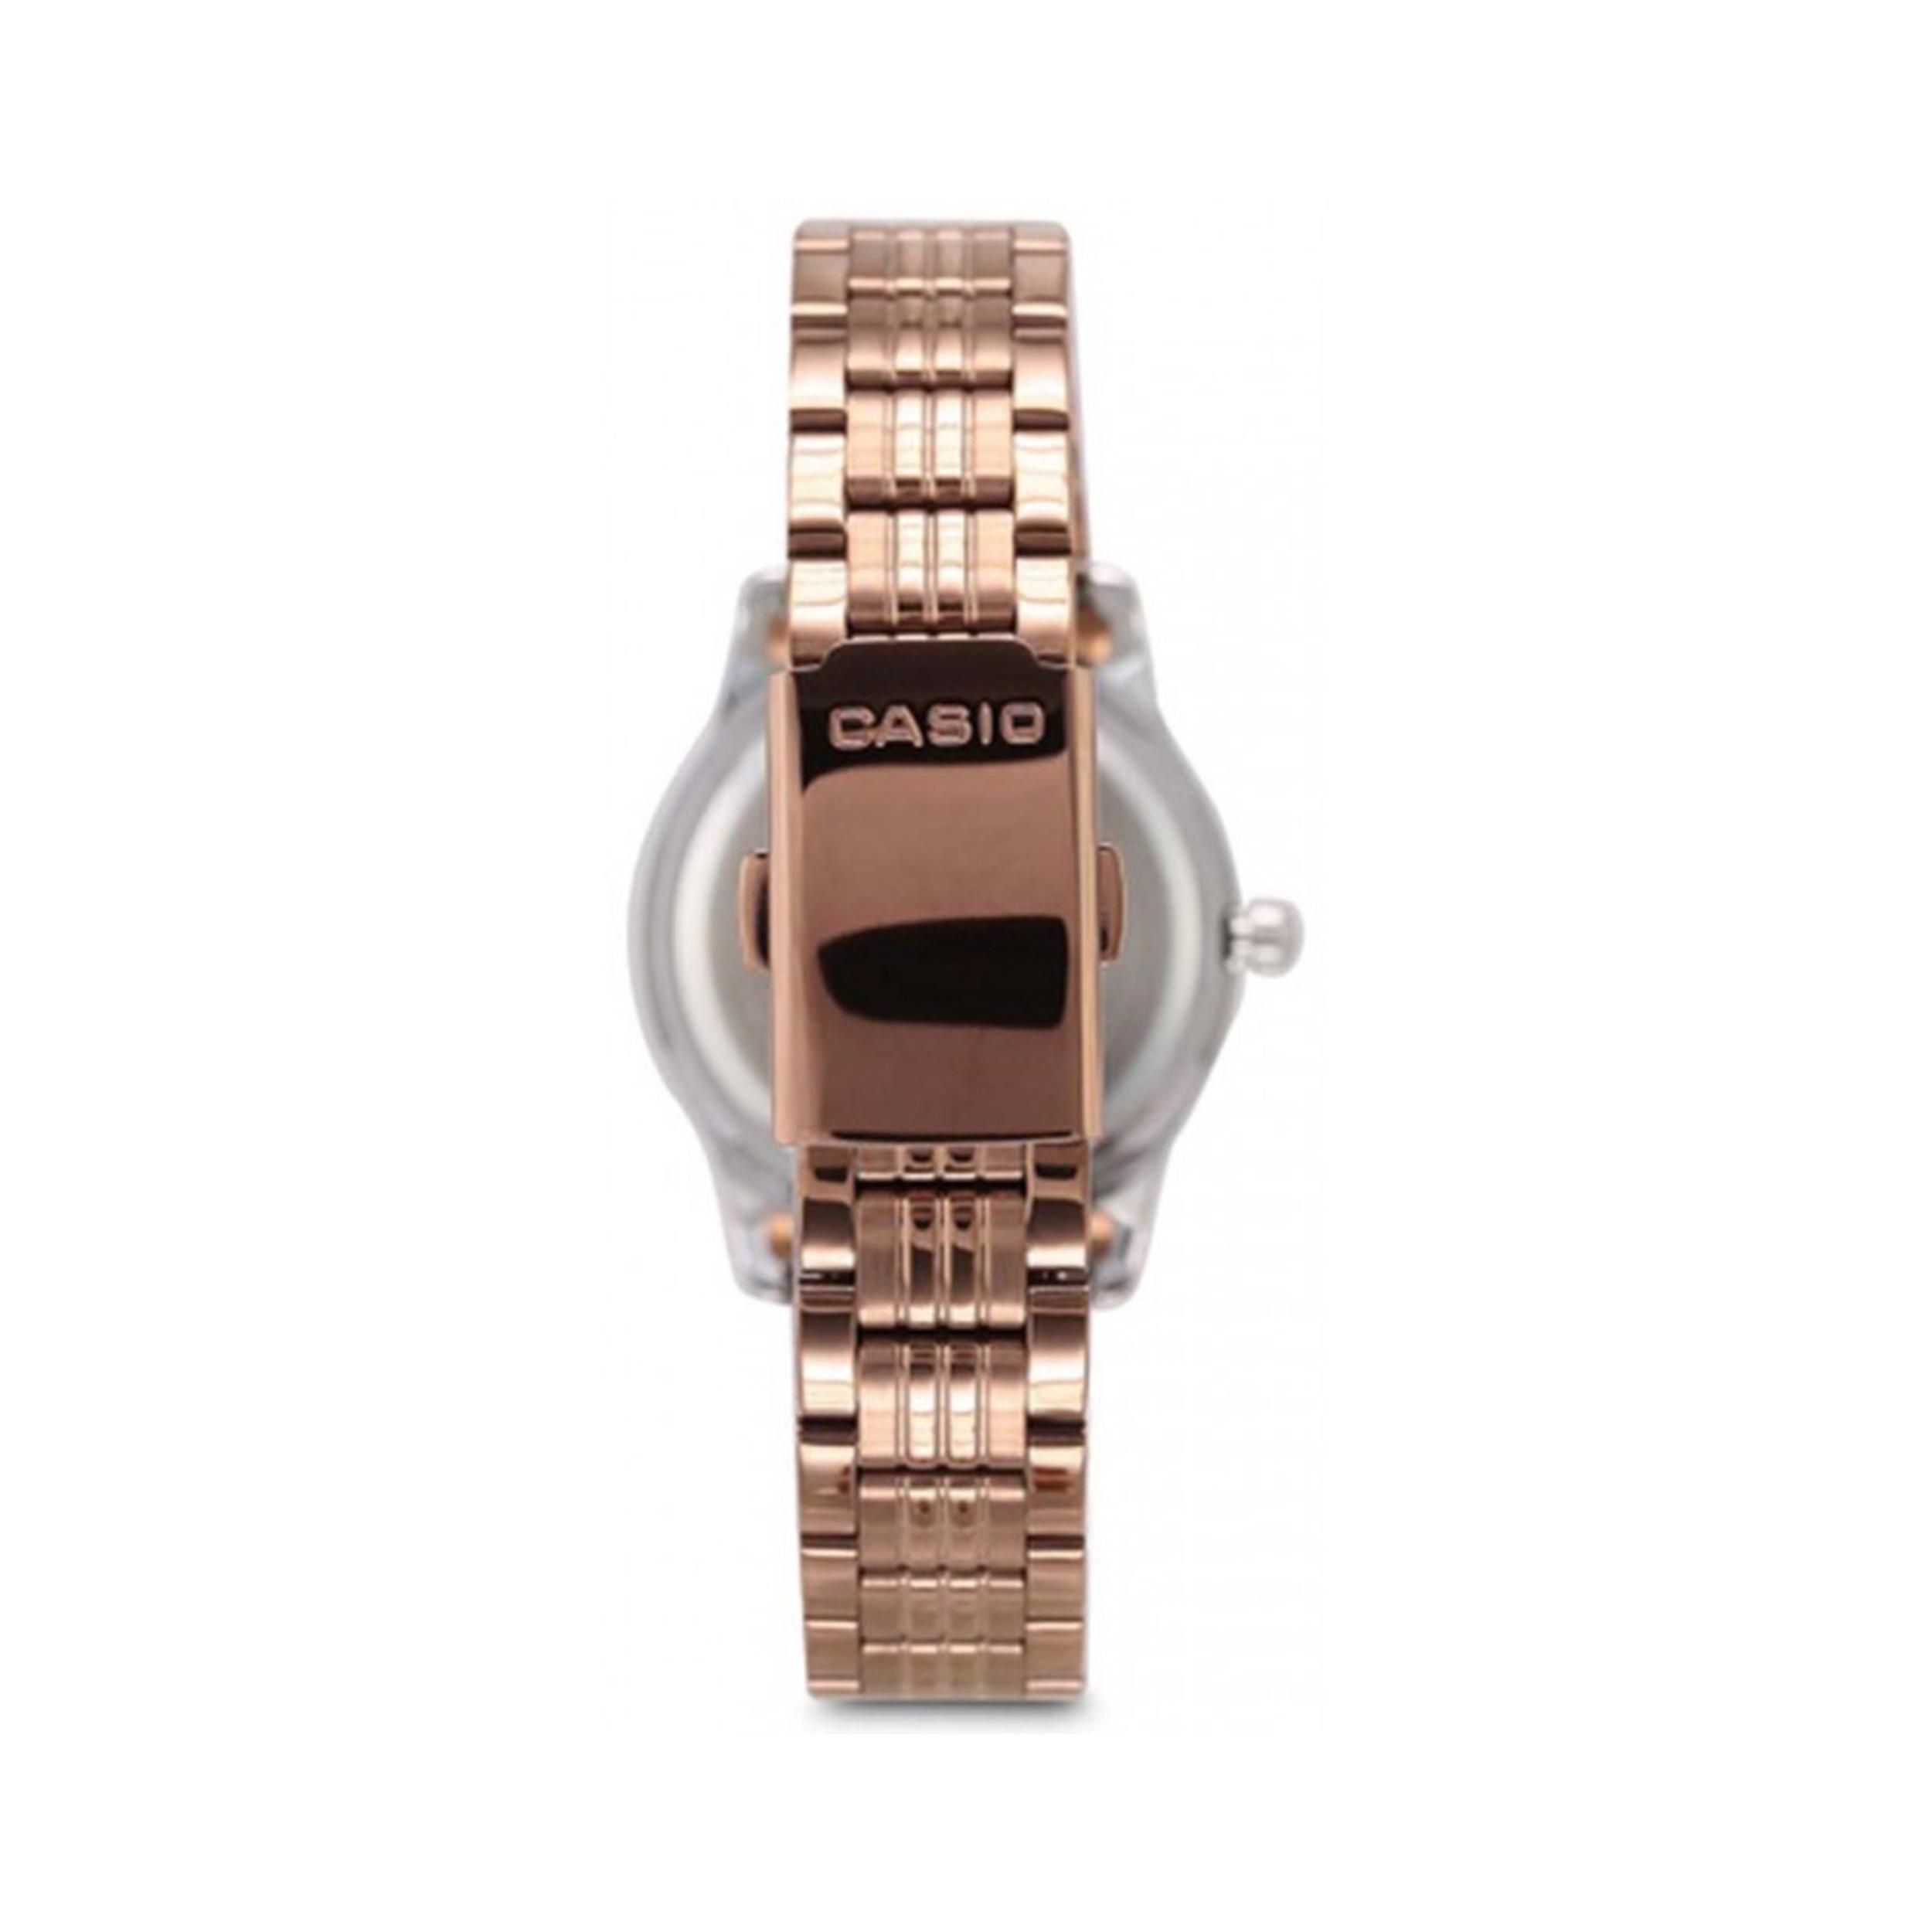 ساعت مچی عقربه ای زنانه کاسیو مدل LTP-1358R-2A